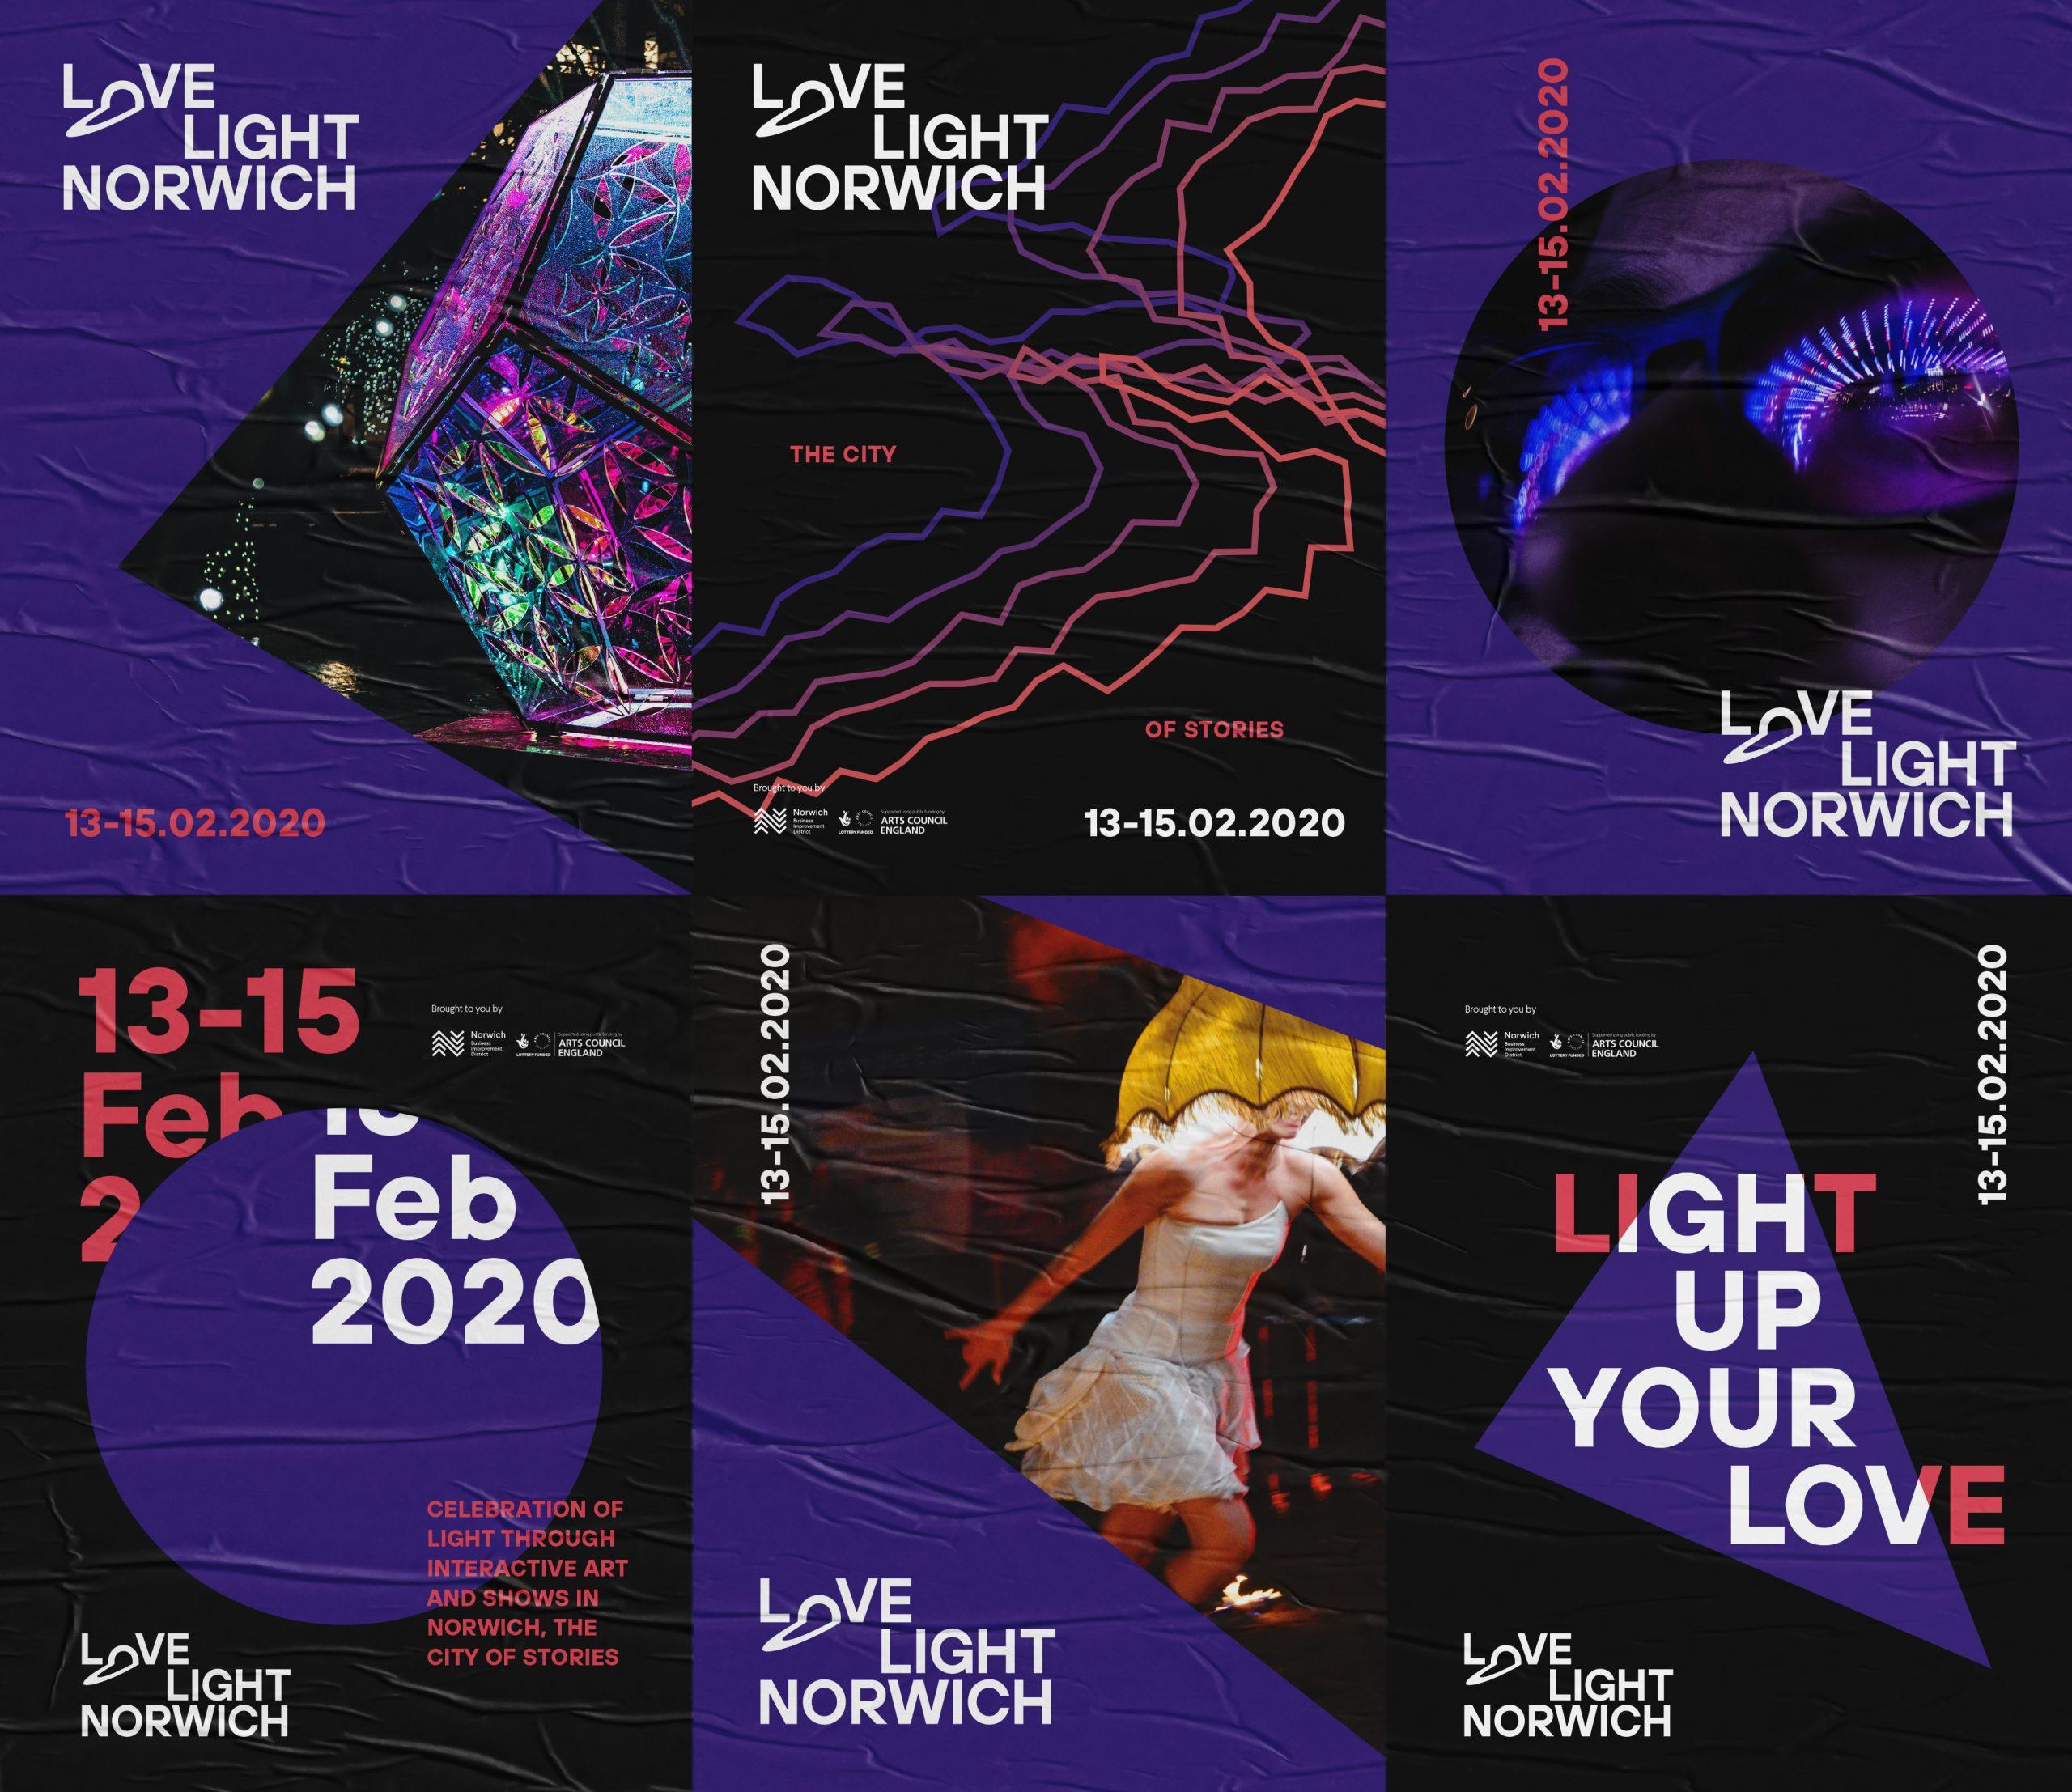 Love Light branding